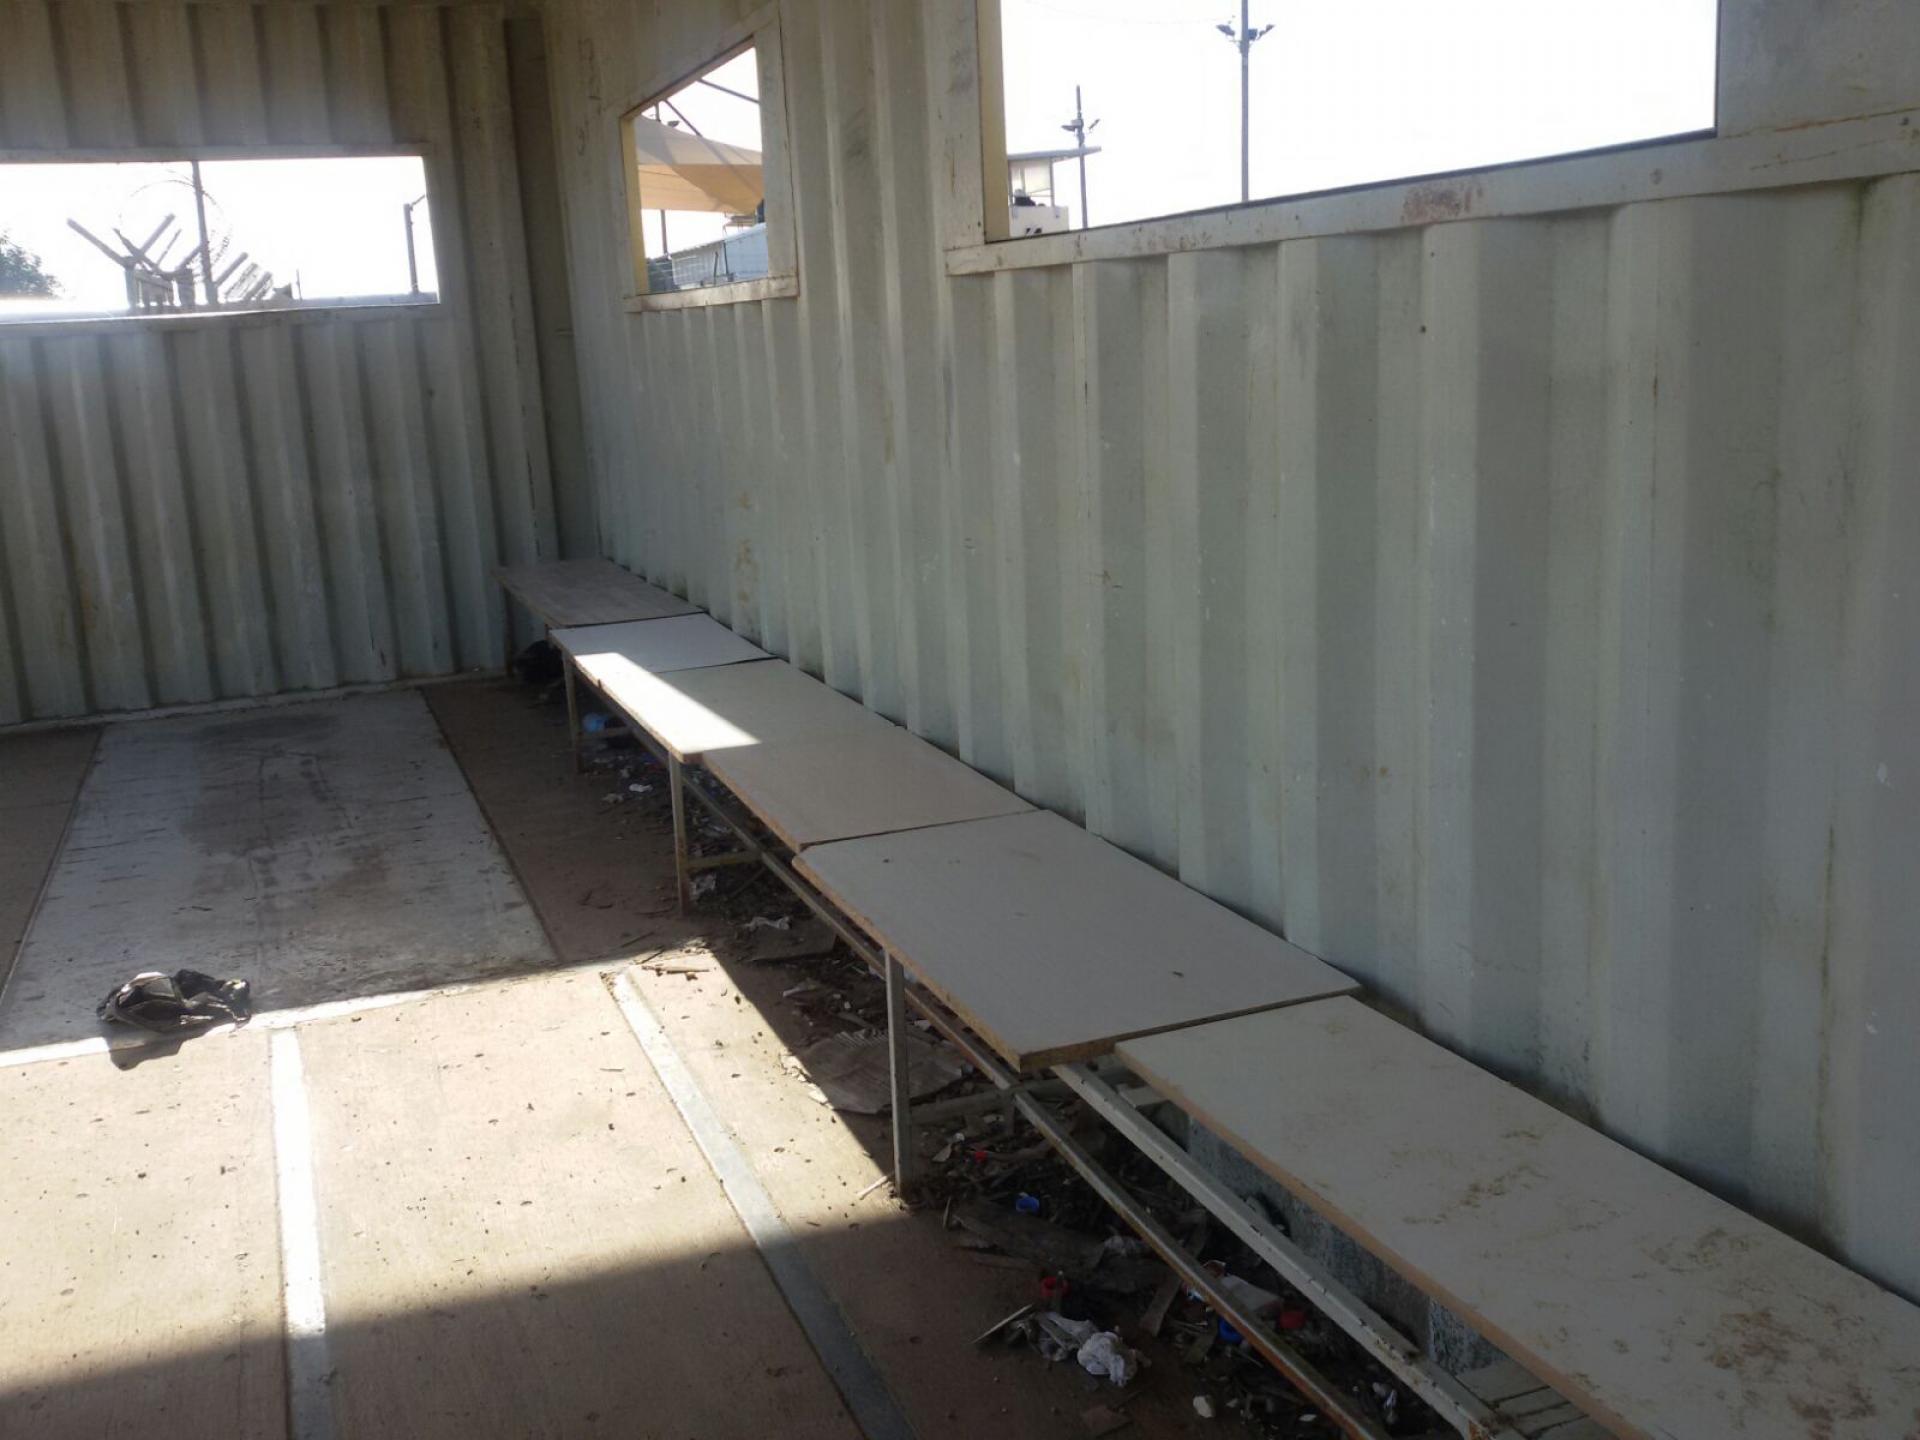 מחסום טורה: מישהו הניח לוחות דיקט על הספסלים השבורים